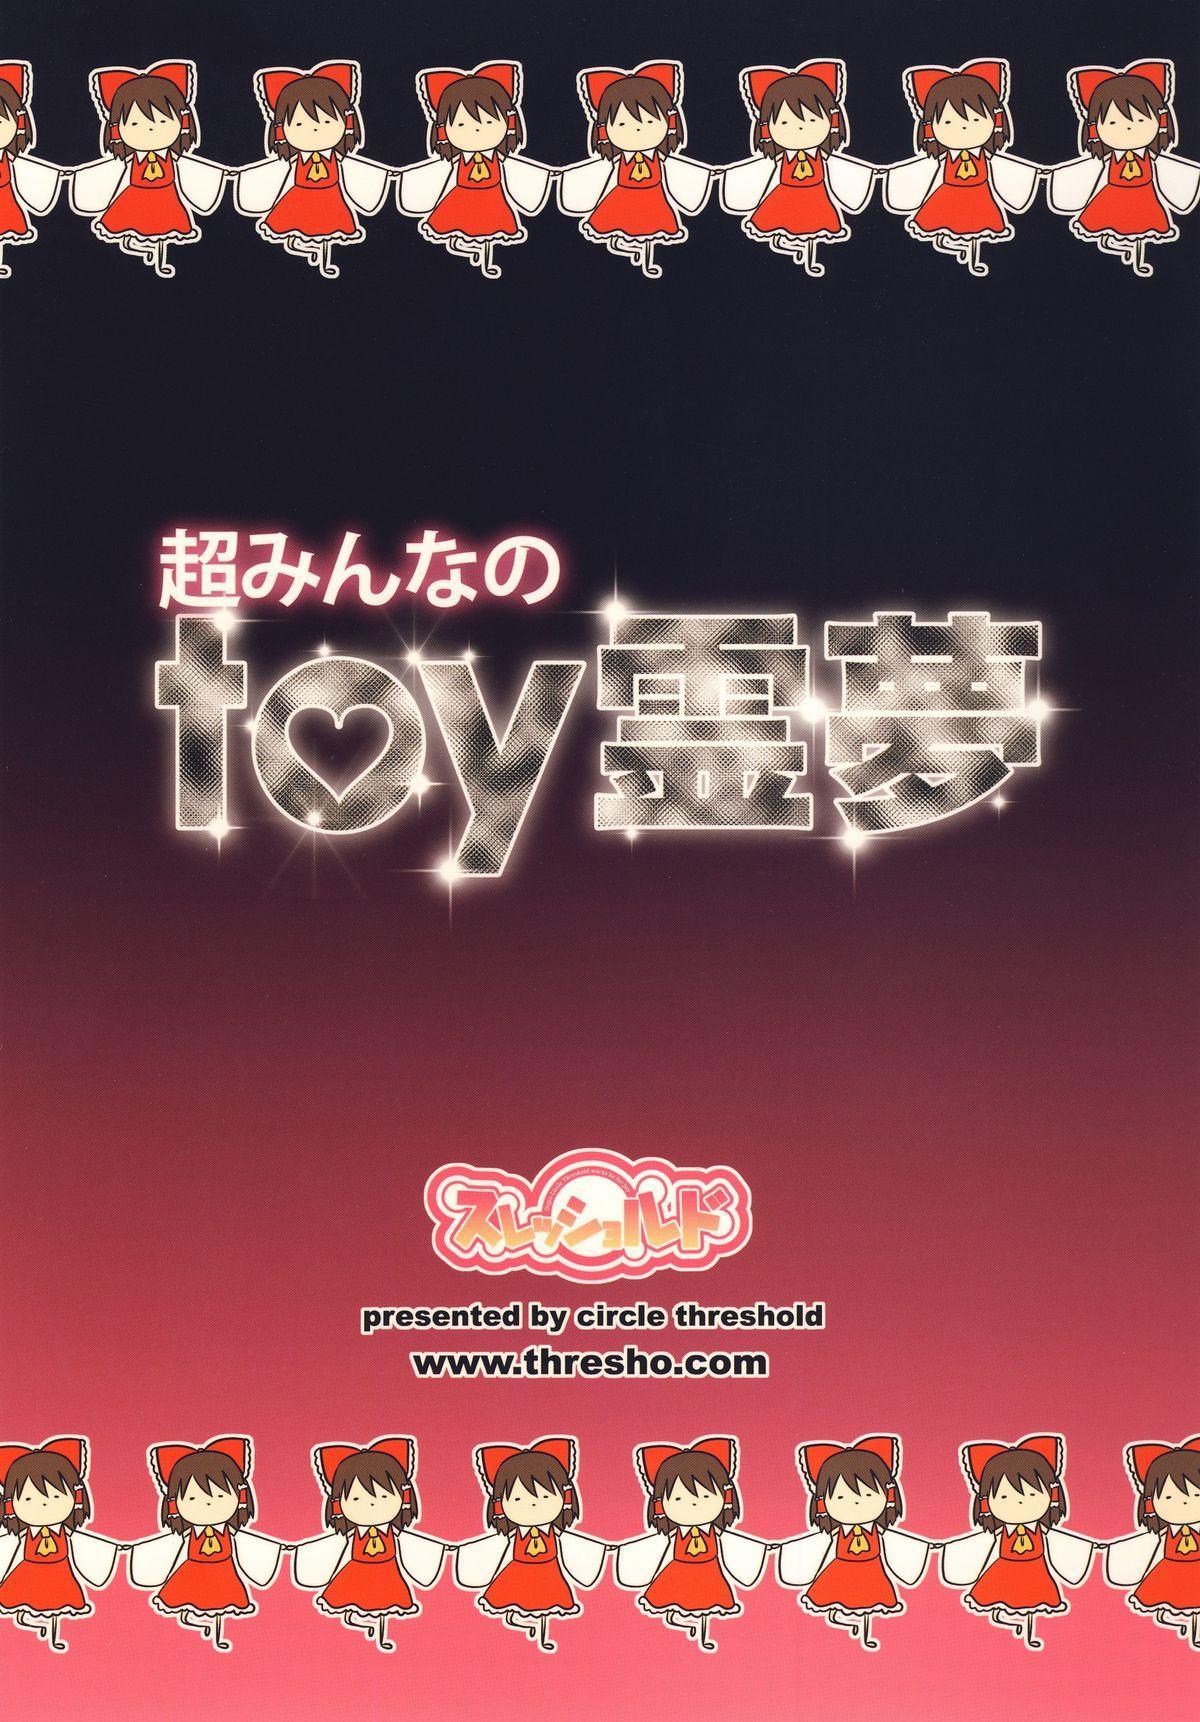 Chou Minna no toy Reimu 19